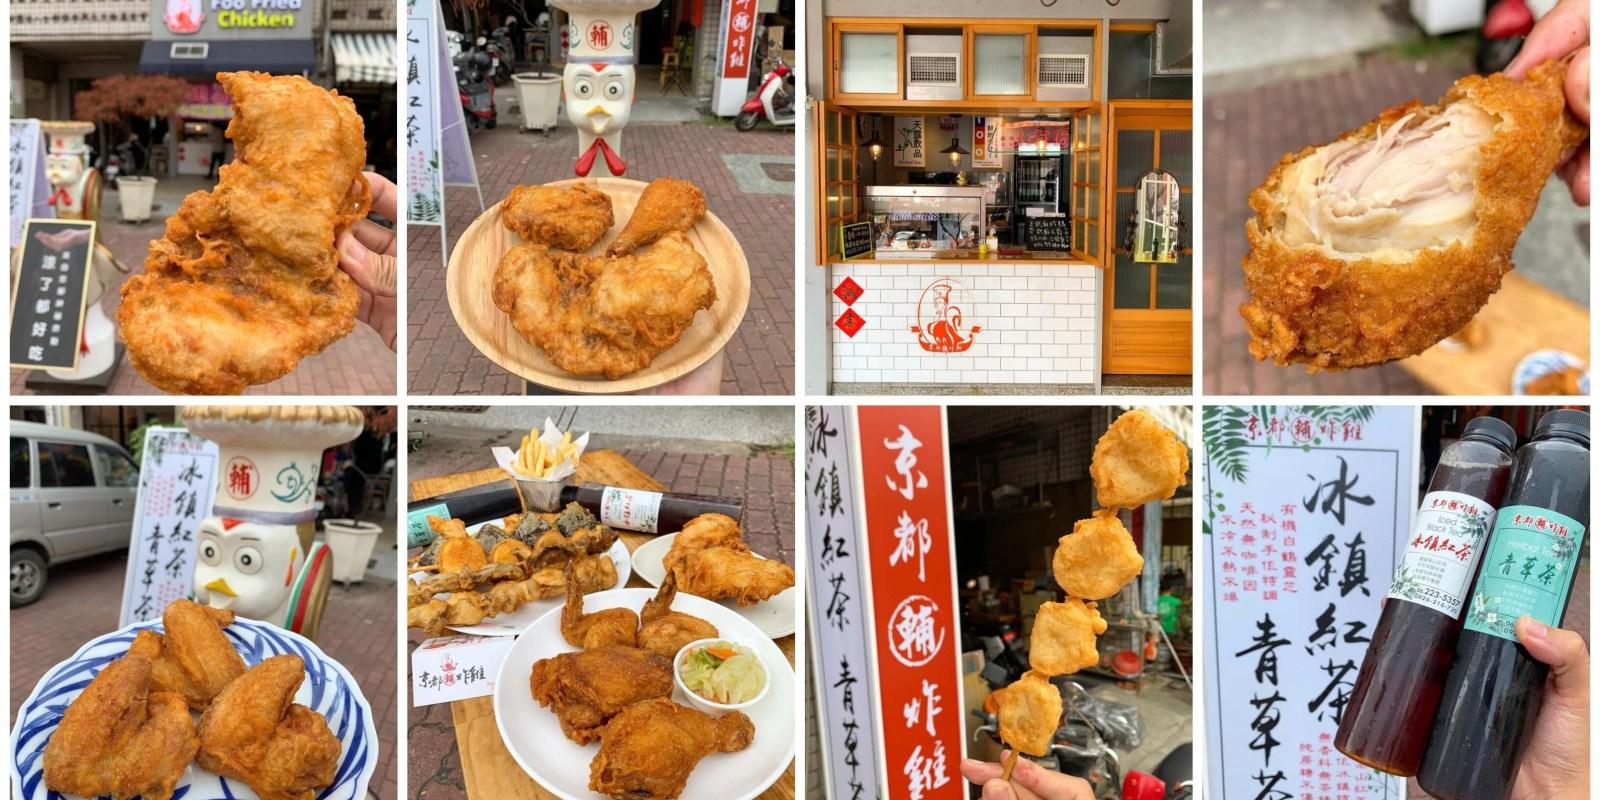 [台南美食] 京都輔炸雞 - 涼了都好吃!來赤崁樓必吃的超人氣炸雞